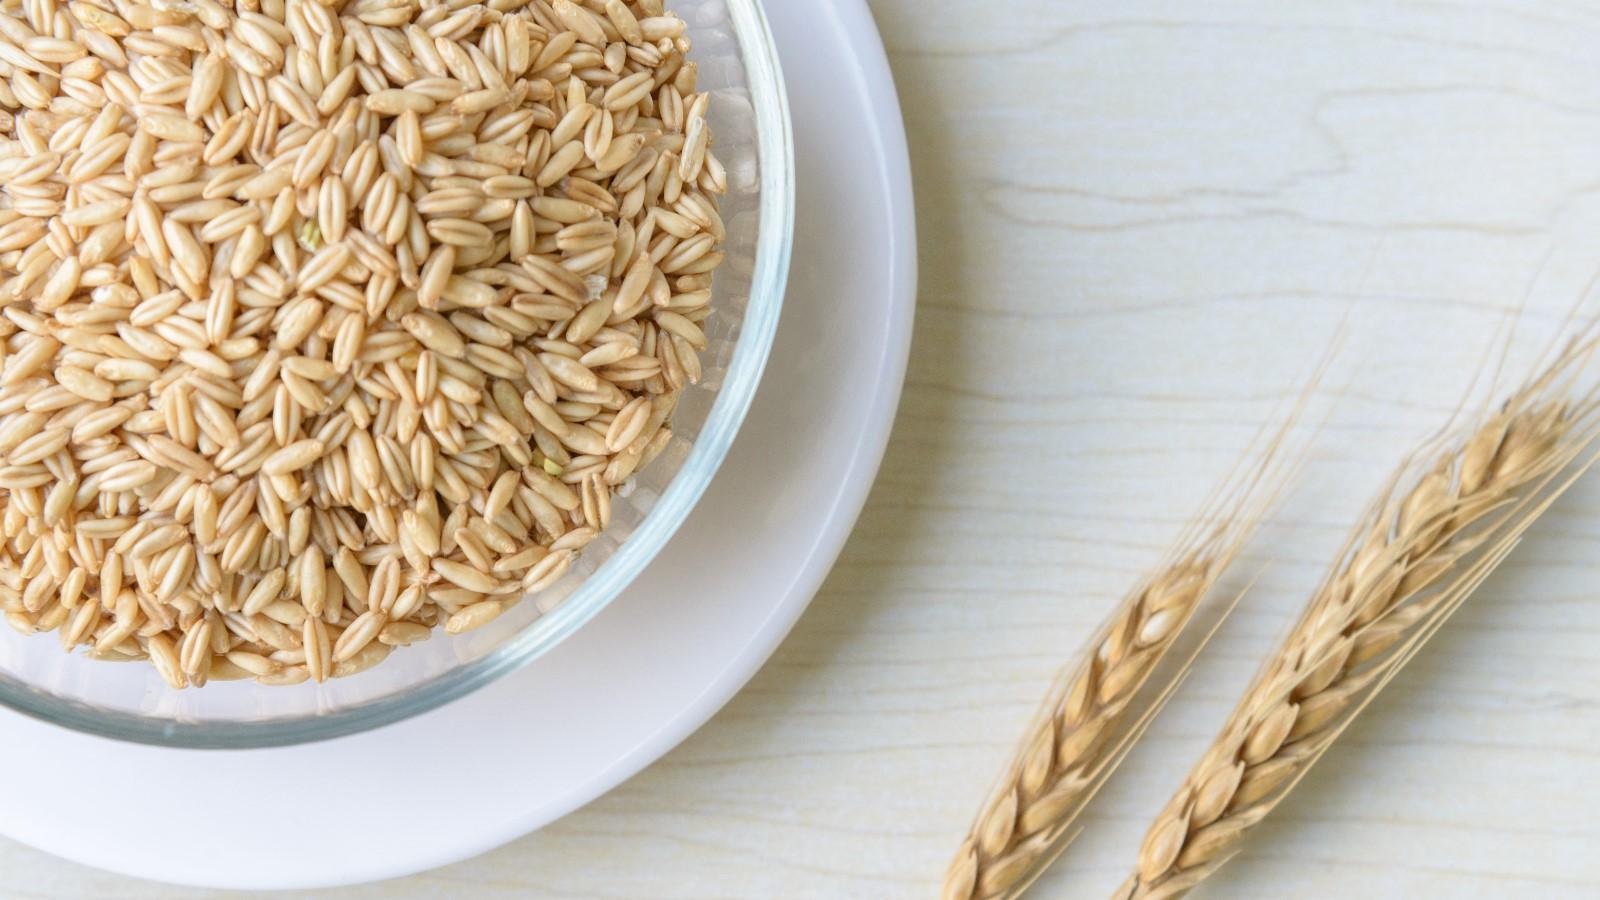 即食燕麦片的副作用_即食麦片和煮食麦片有什么不同啊?_百度知道